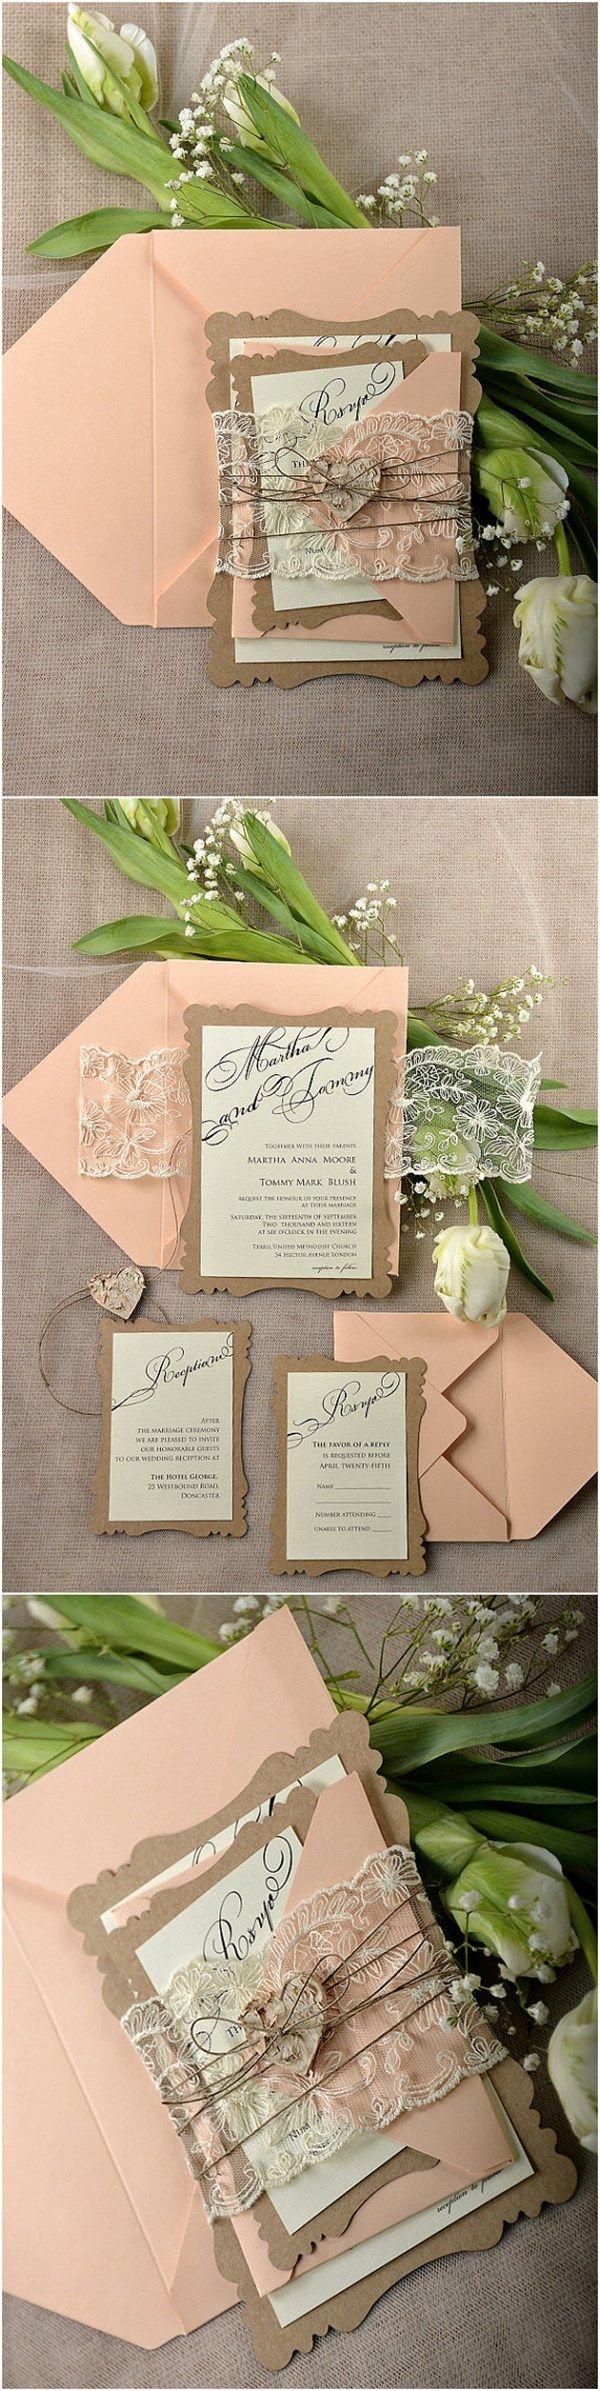 De 25+ bedste idéer inden for Bryllupsinvitationer på Pinterest   Invitationer, Bryllupper og ...